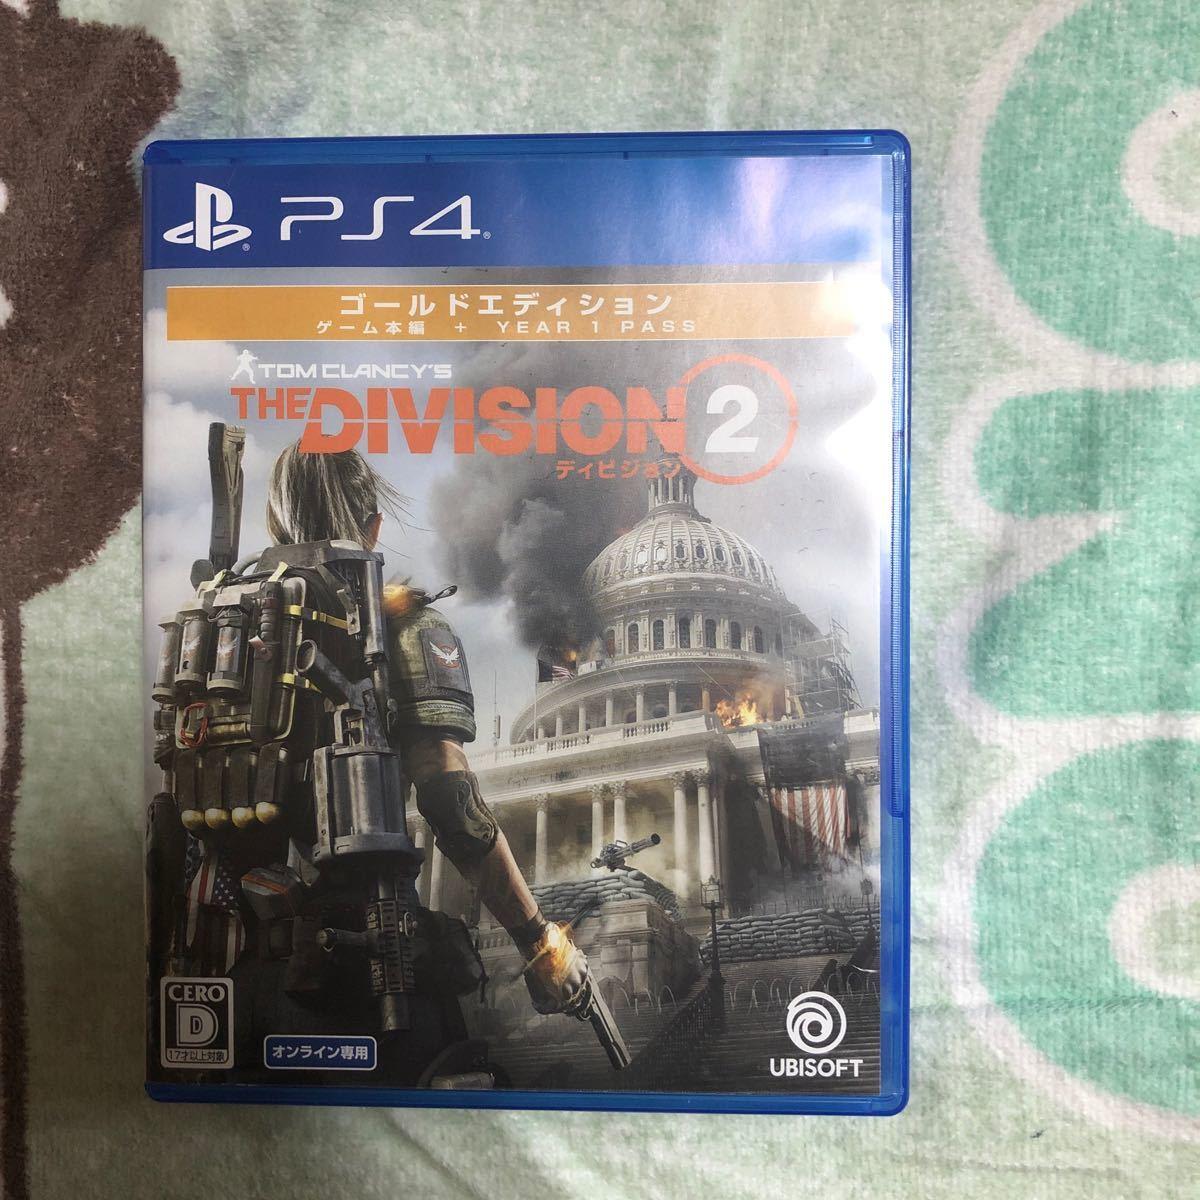 【PS4】 ディビジョン2 [ゴールドエディションver]